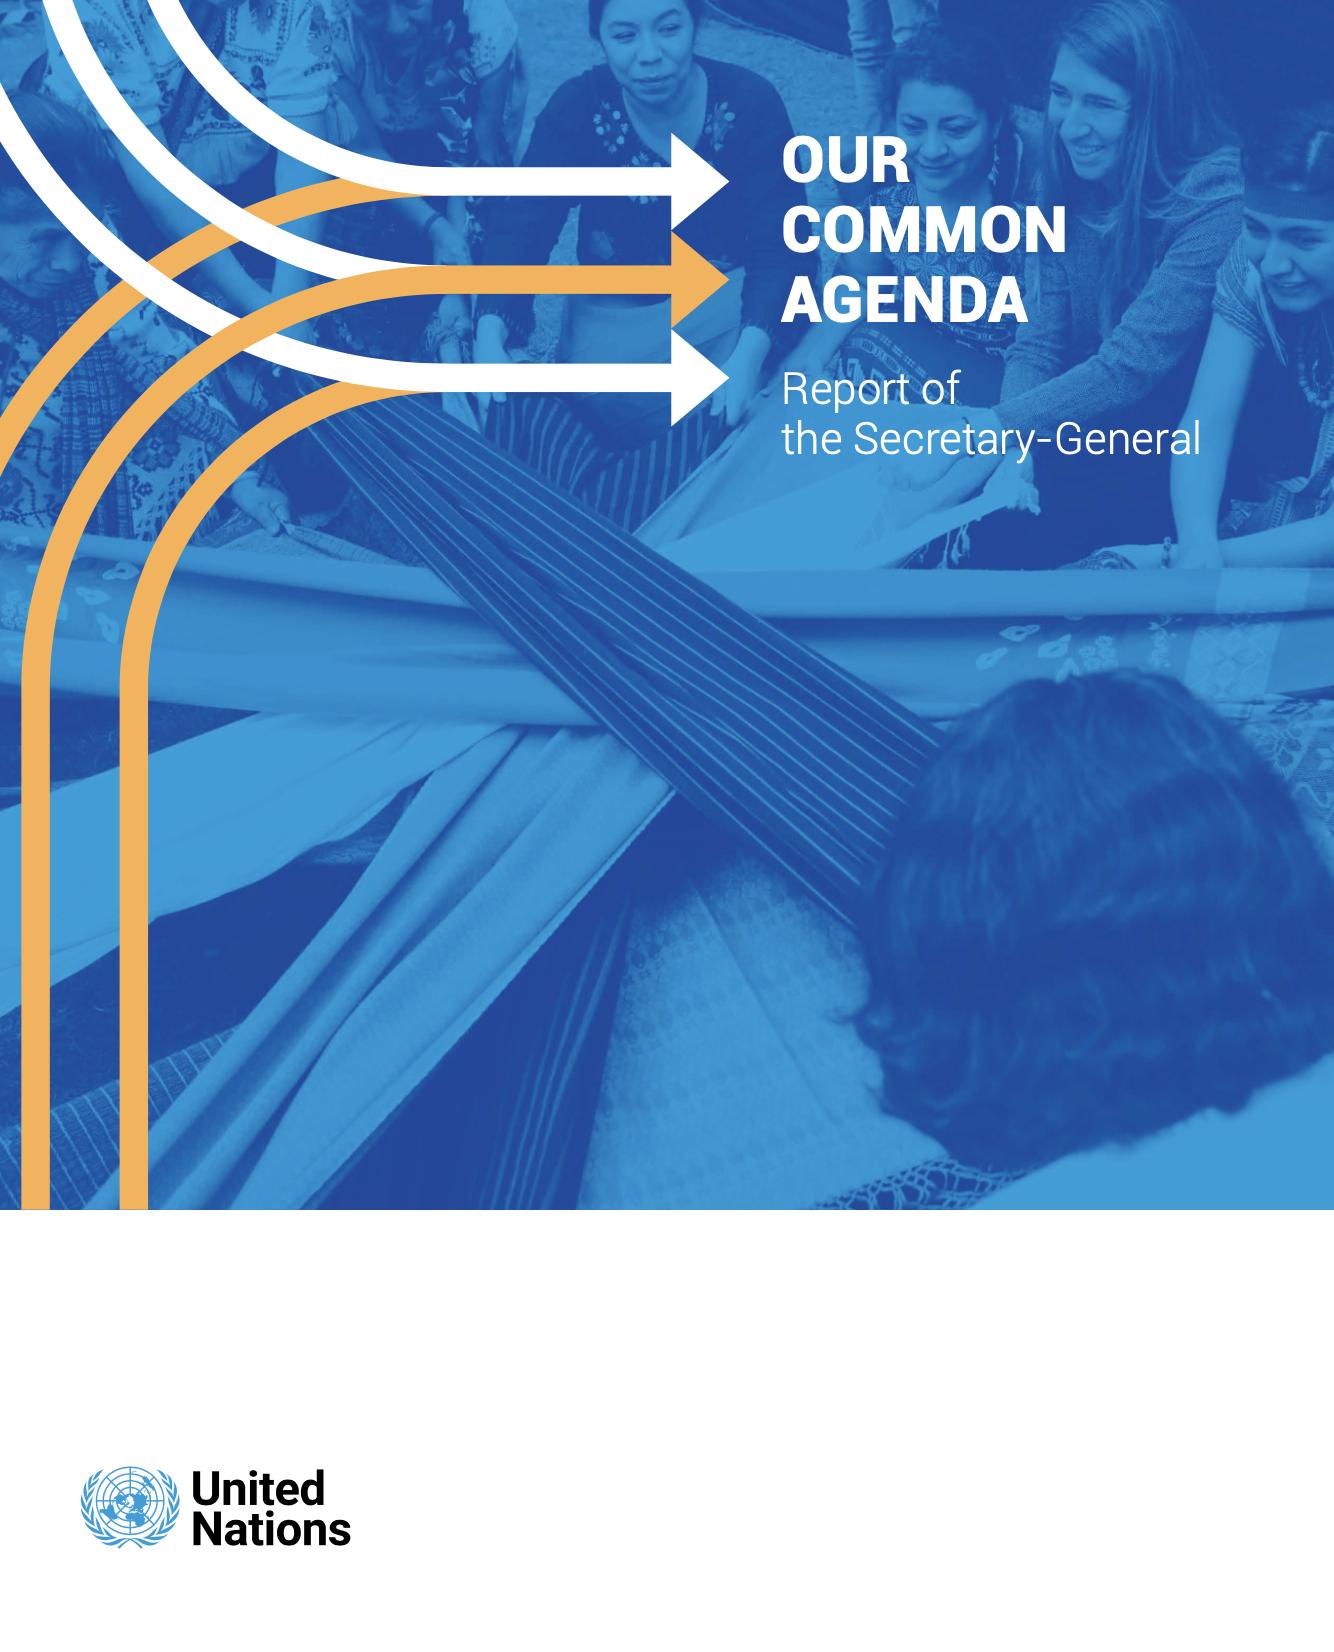 Our Common Agenda report